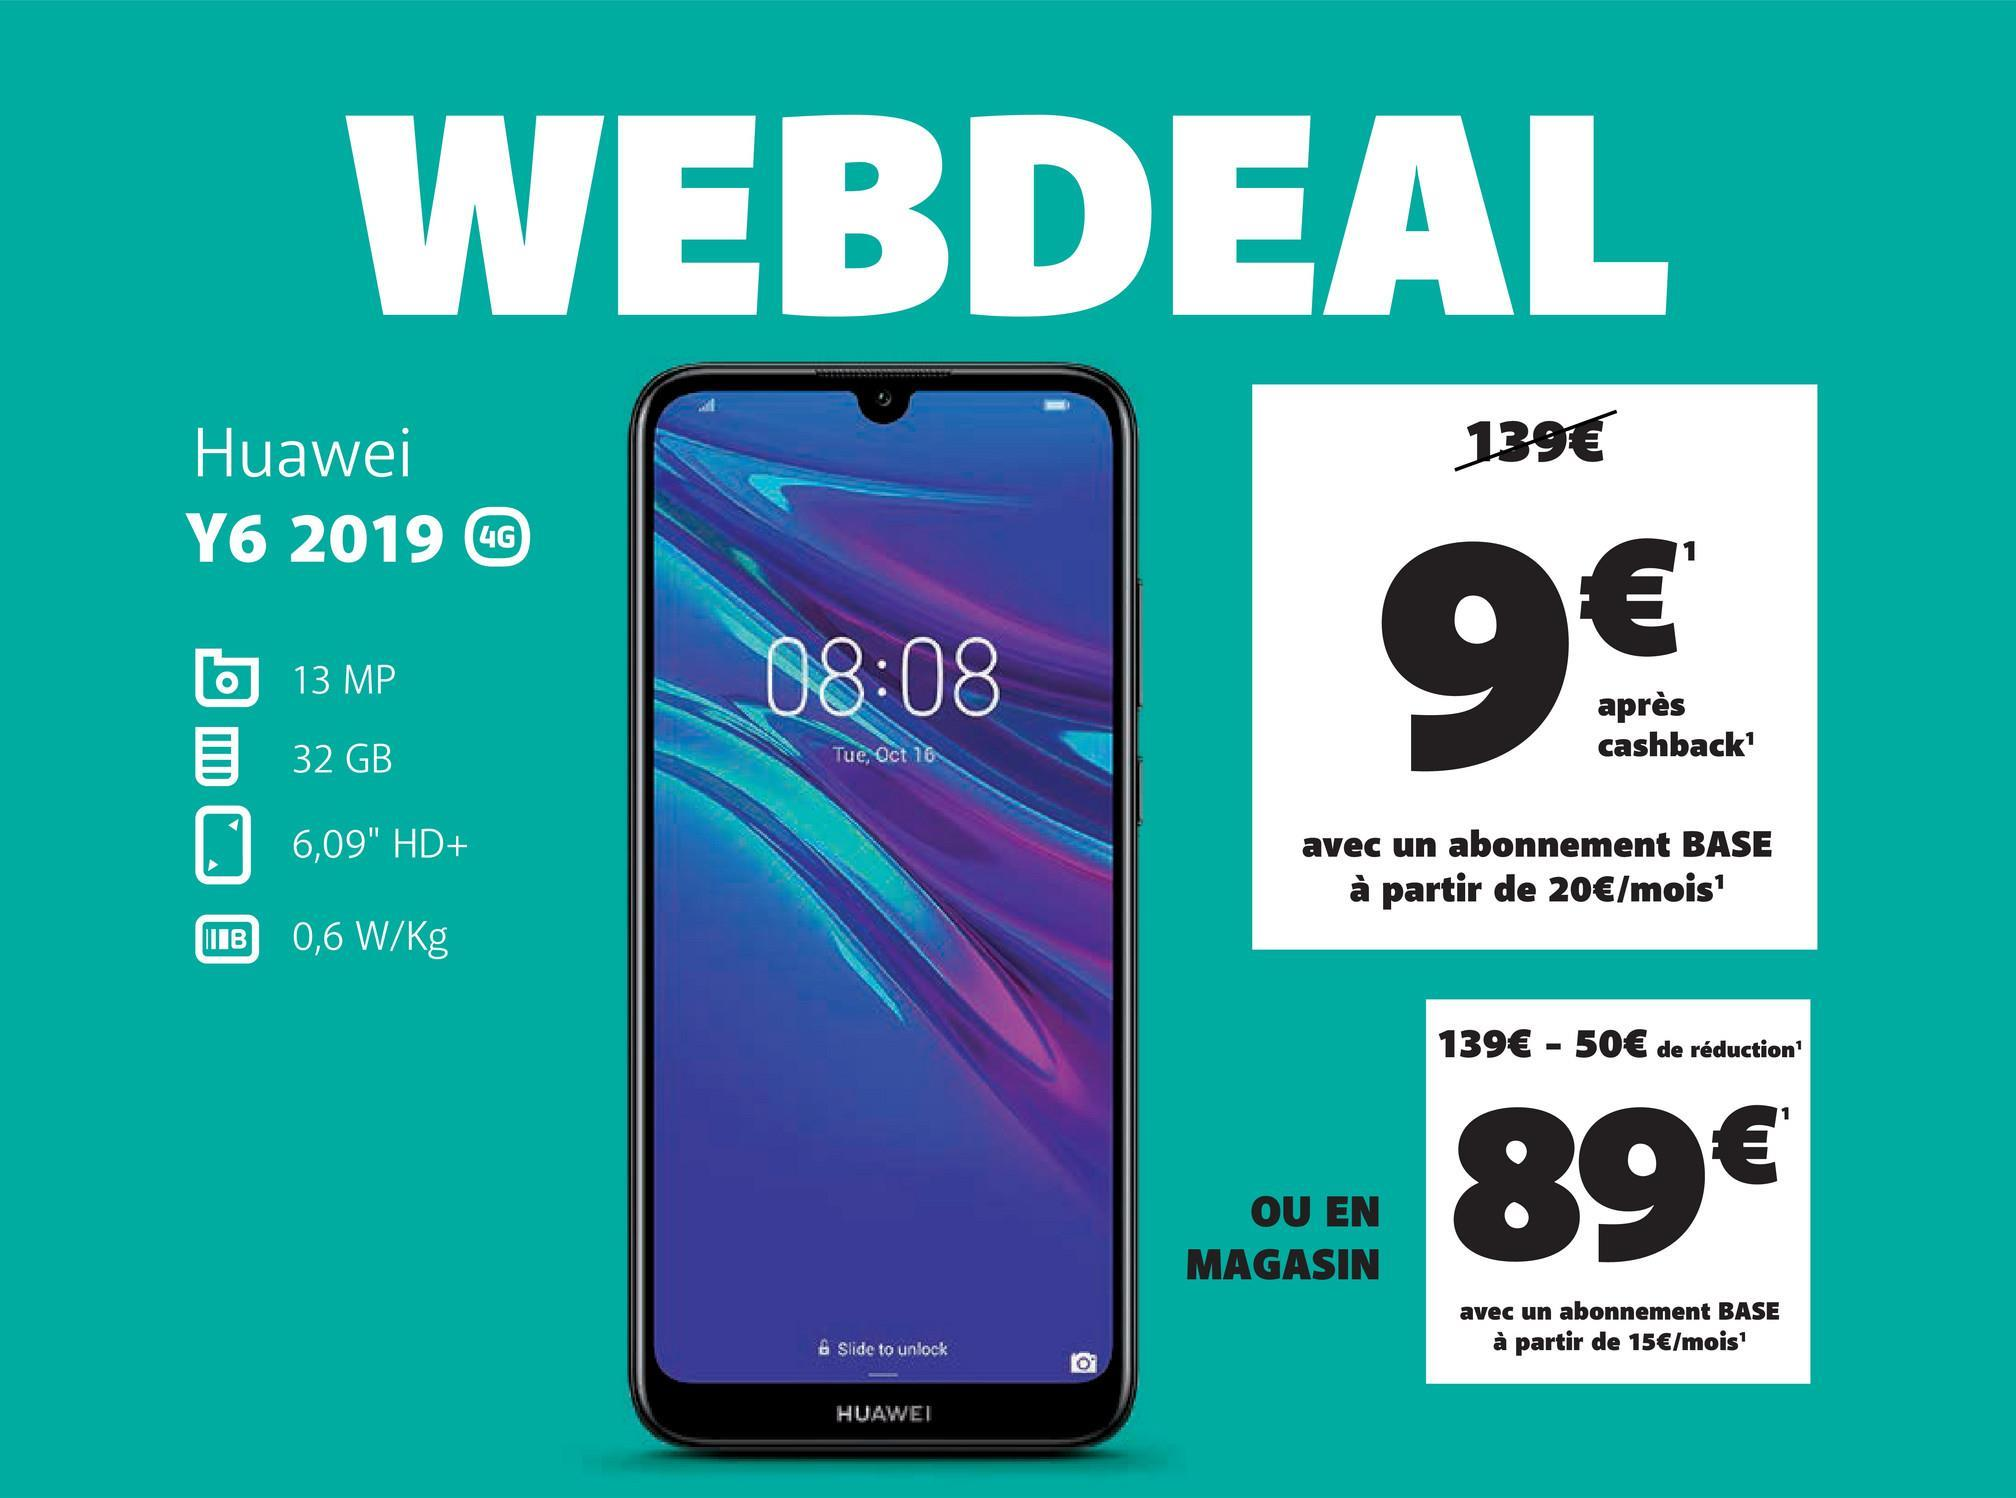 """WEBDEAL 139€ Huawei Y6 2019 CC b 13 MP 32 GB 08:08 après cashback' Tue, Oct 6,09"""" HD+ avec un abonnement BASE à partir de 20€/mois' HB 0,6 W/kg 139€ - 50€ de réduction OU EN MAGASIN avec un abonnement BASE à partir de 15€/mois! & Slide to unlock HUAWEI"""